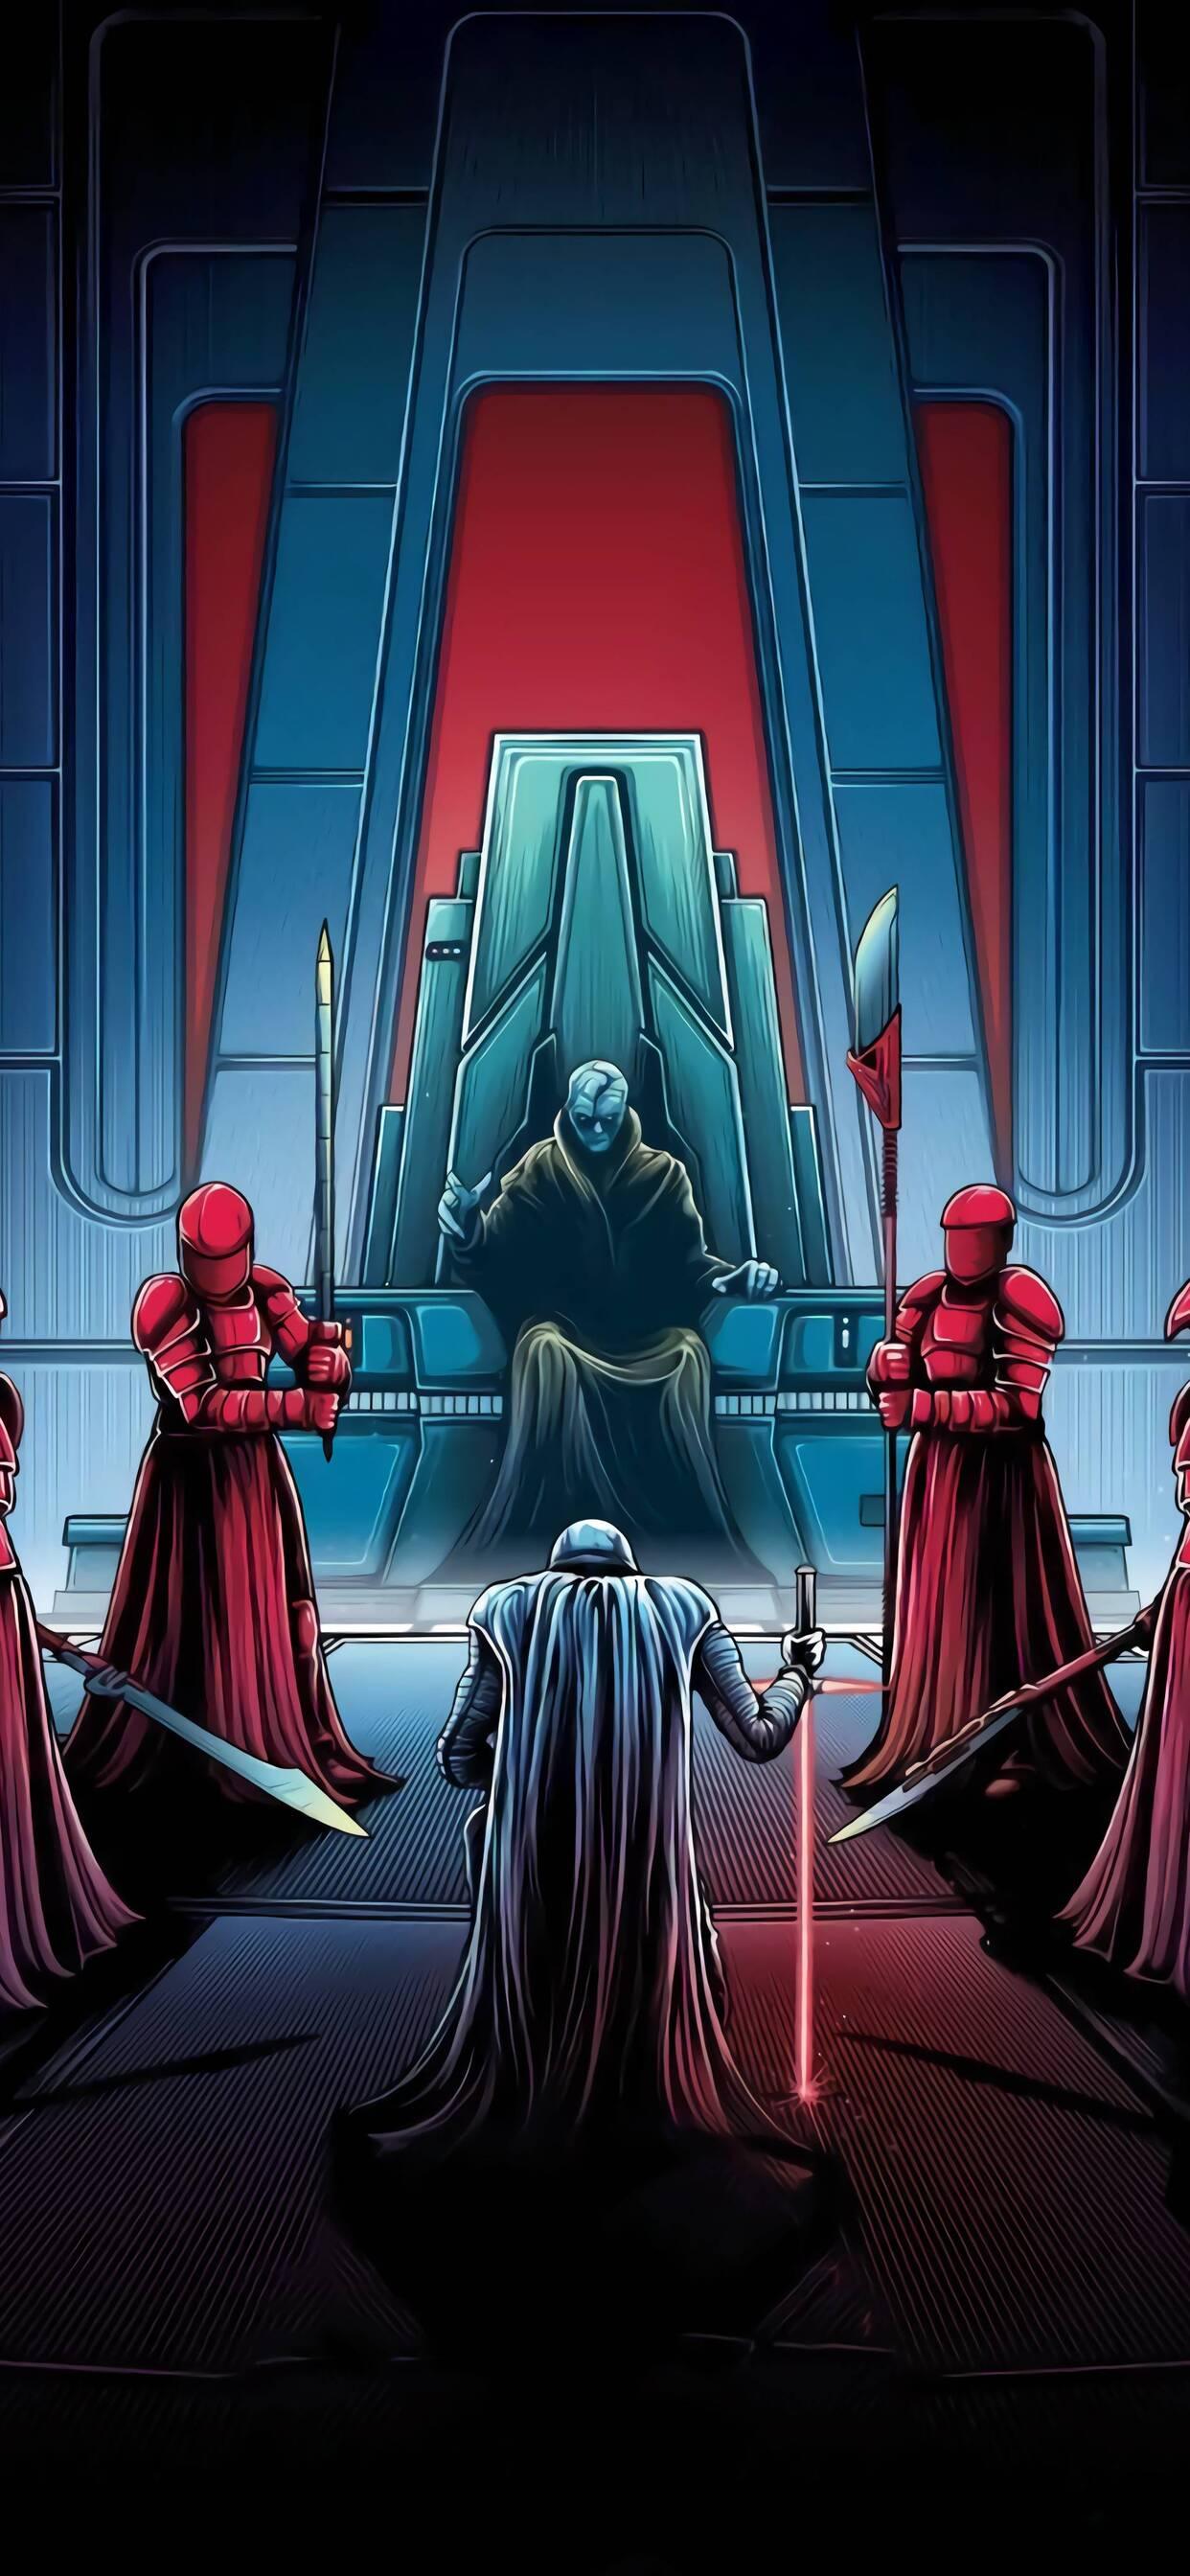 1242x2688 Star Wars The Last Jedi 4k Iphone Xs Max Hd 4k Wallpapers